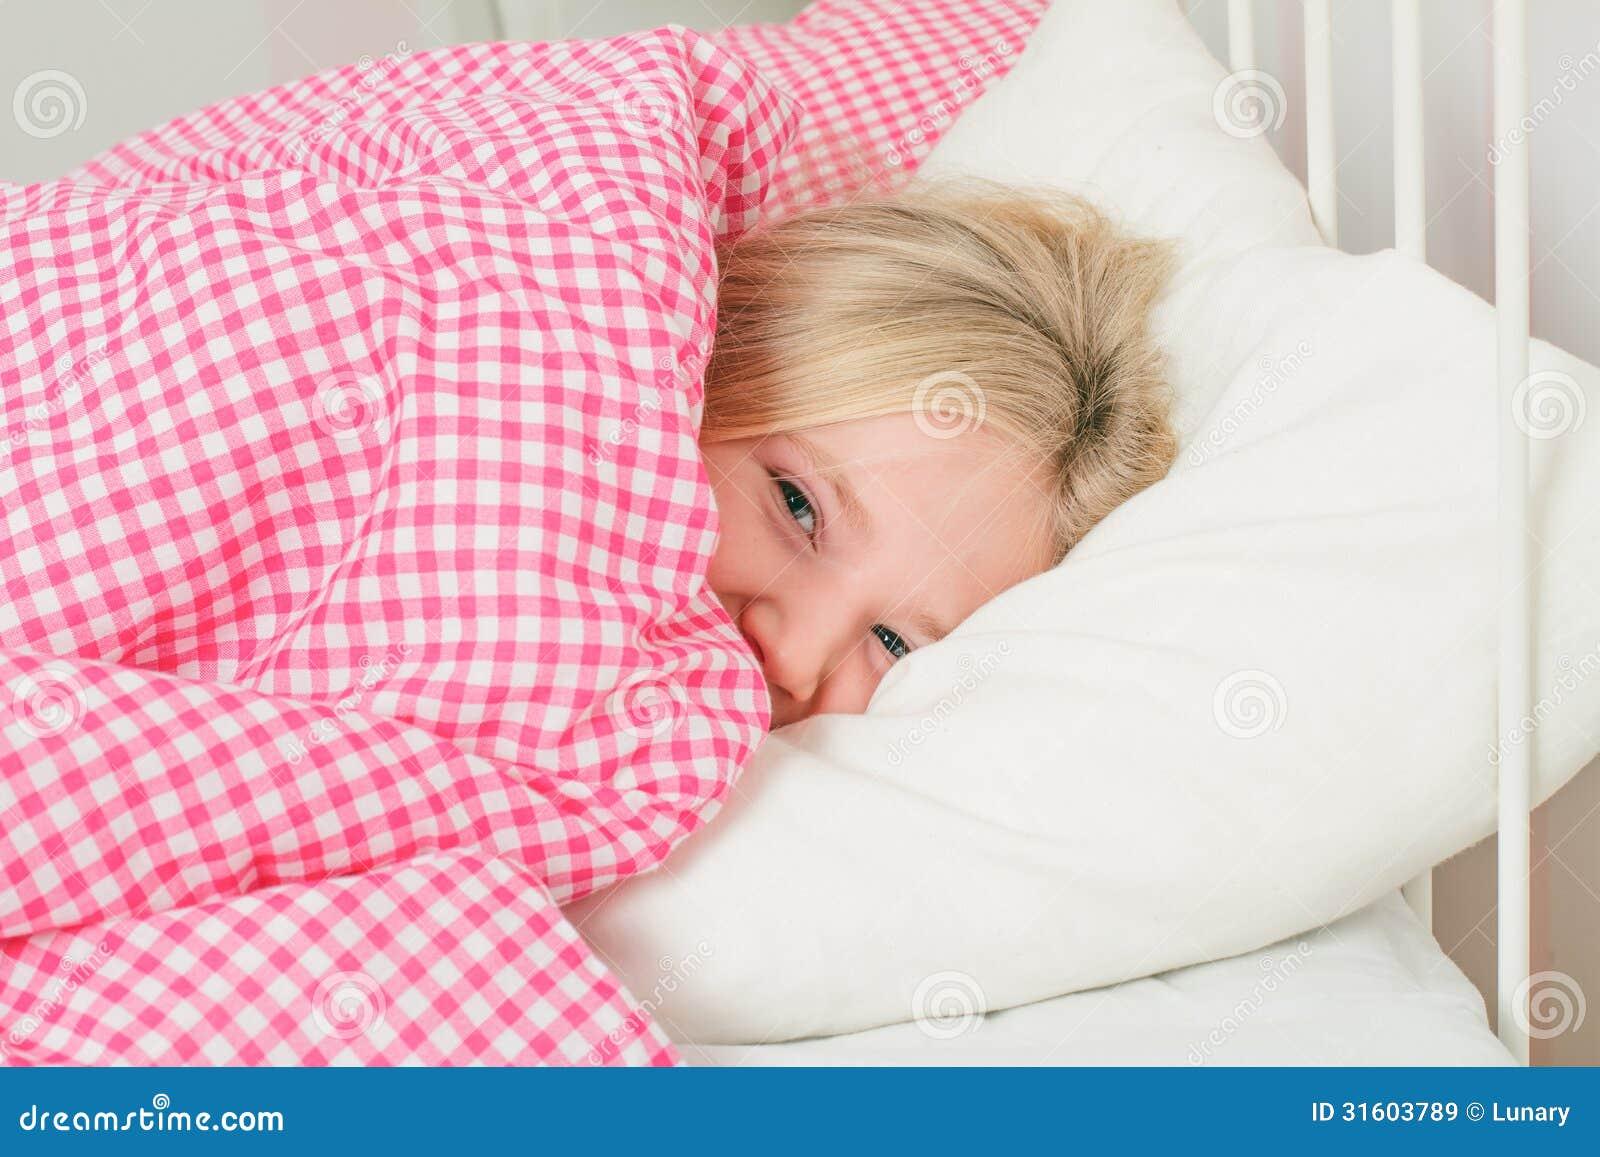 Topic little girl sleeping facial